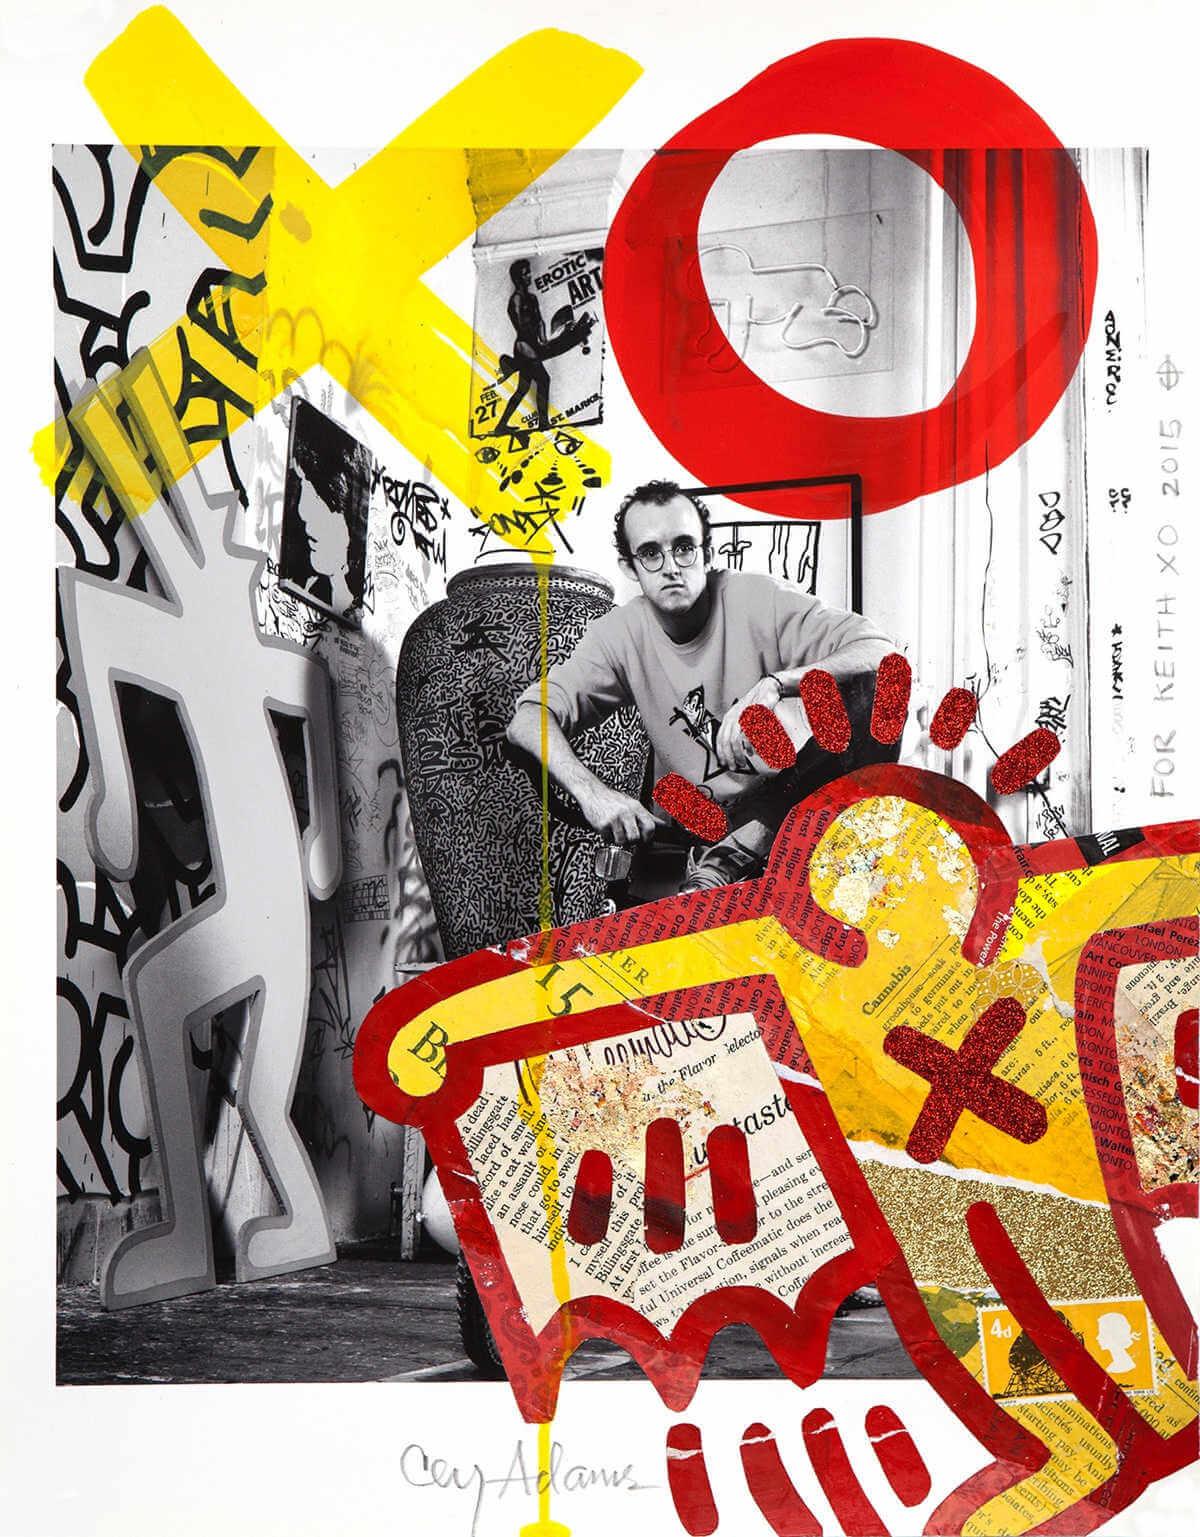 Fotografía de Keith Haring por Janette Beckman & Cey Adams